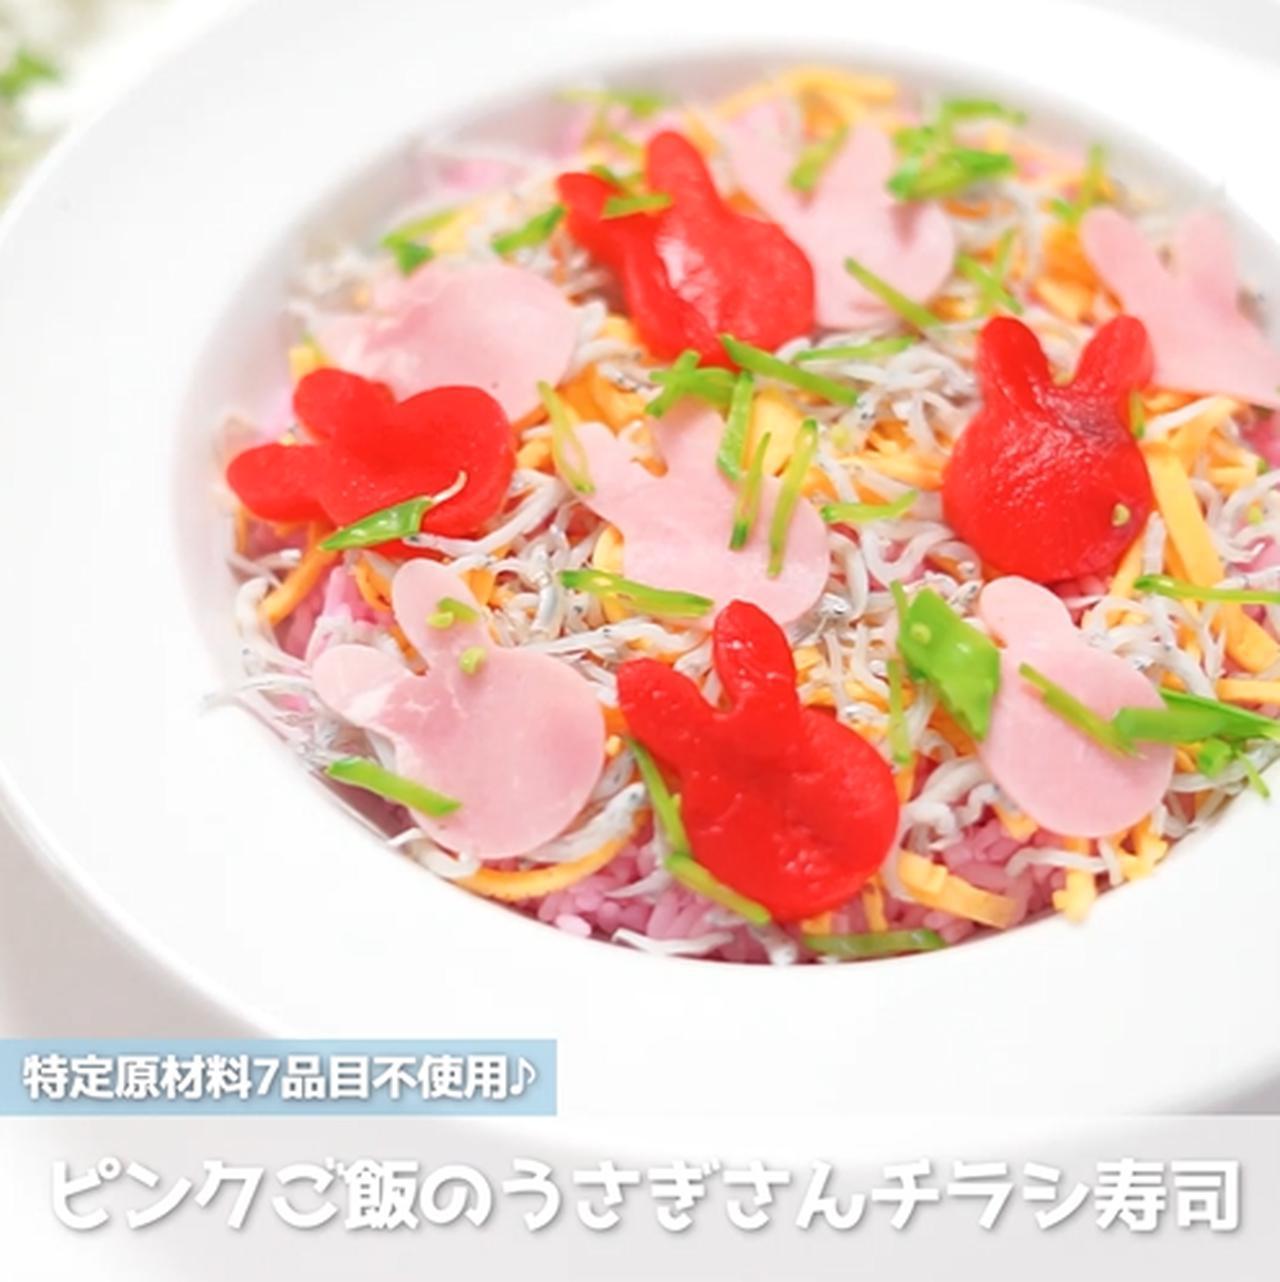 画像: 色づけの秘訣は、あの野菜⁉ピンクごはんのうさぎさんチラシ寿司 - 君とごはん